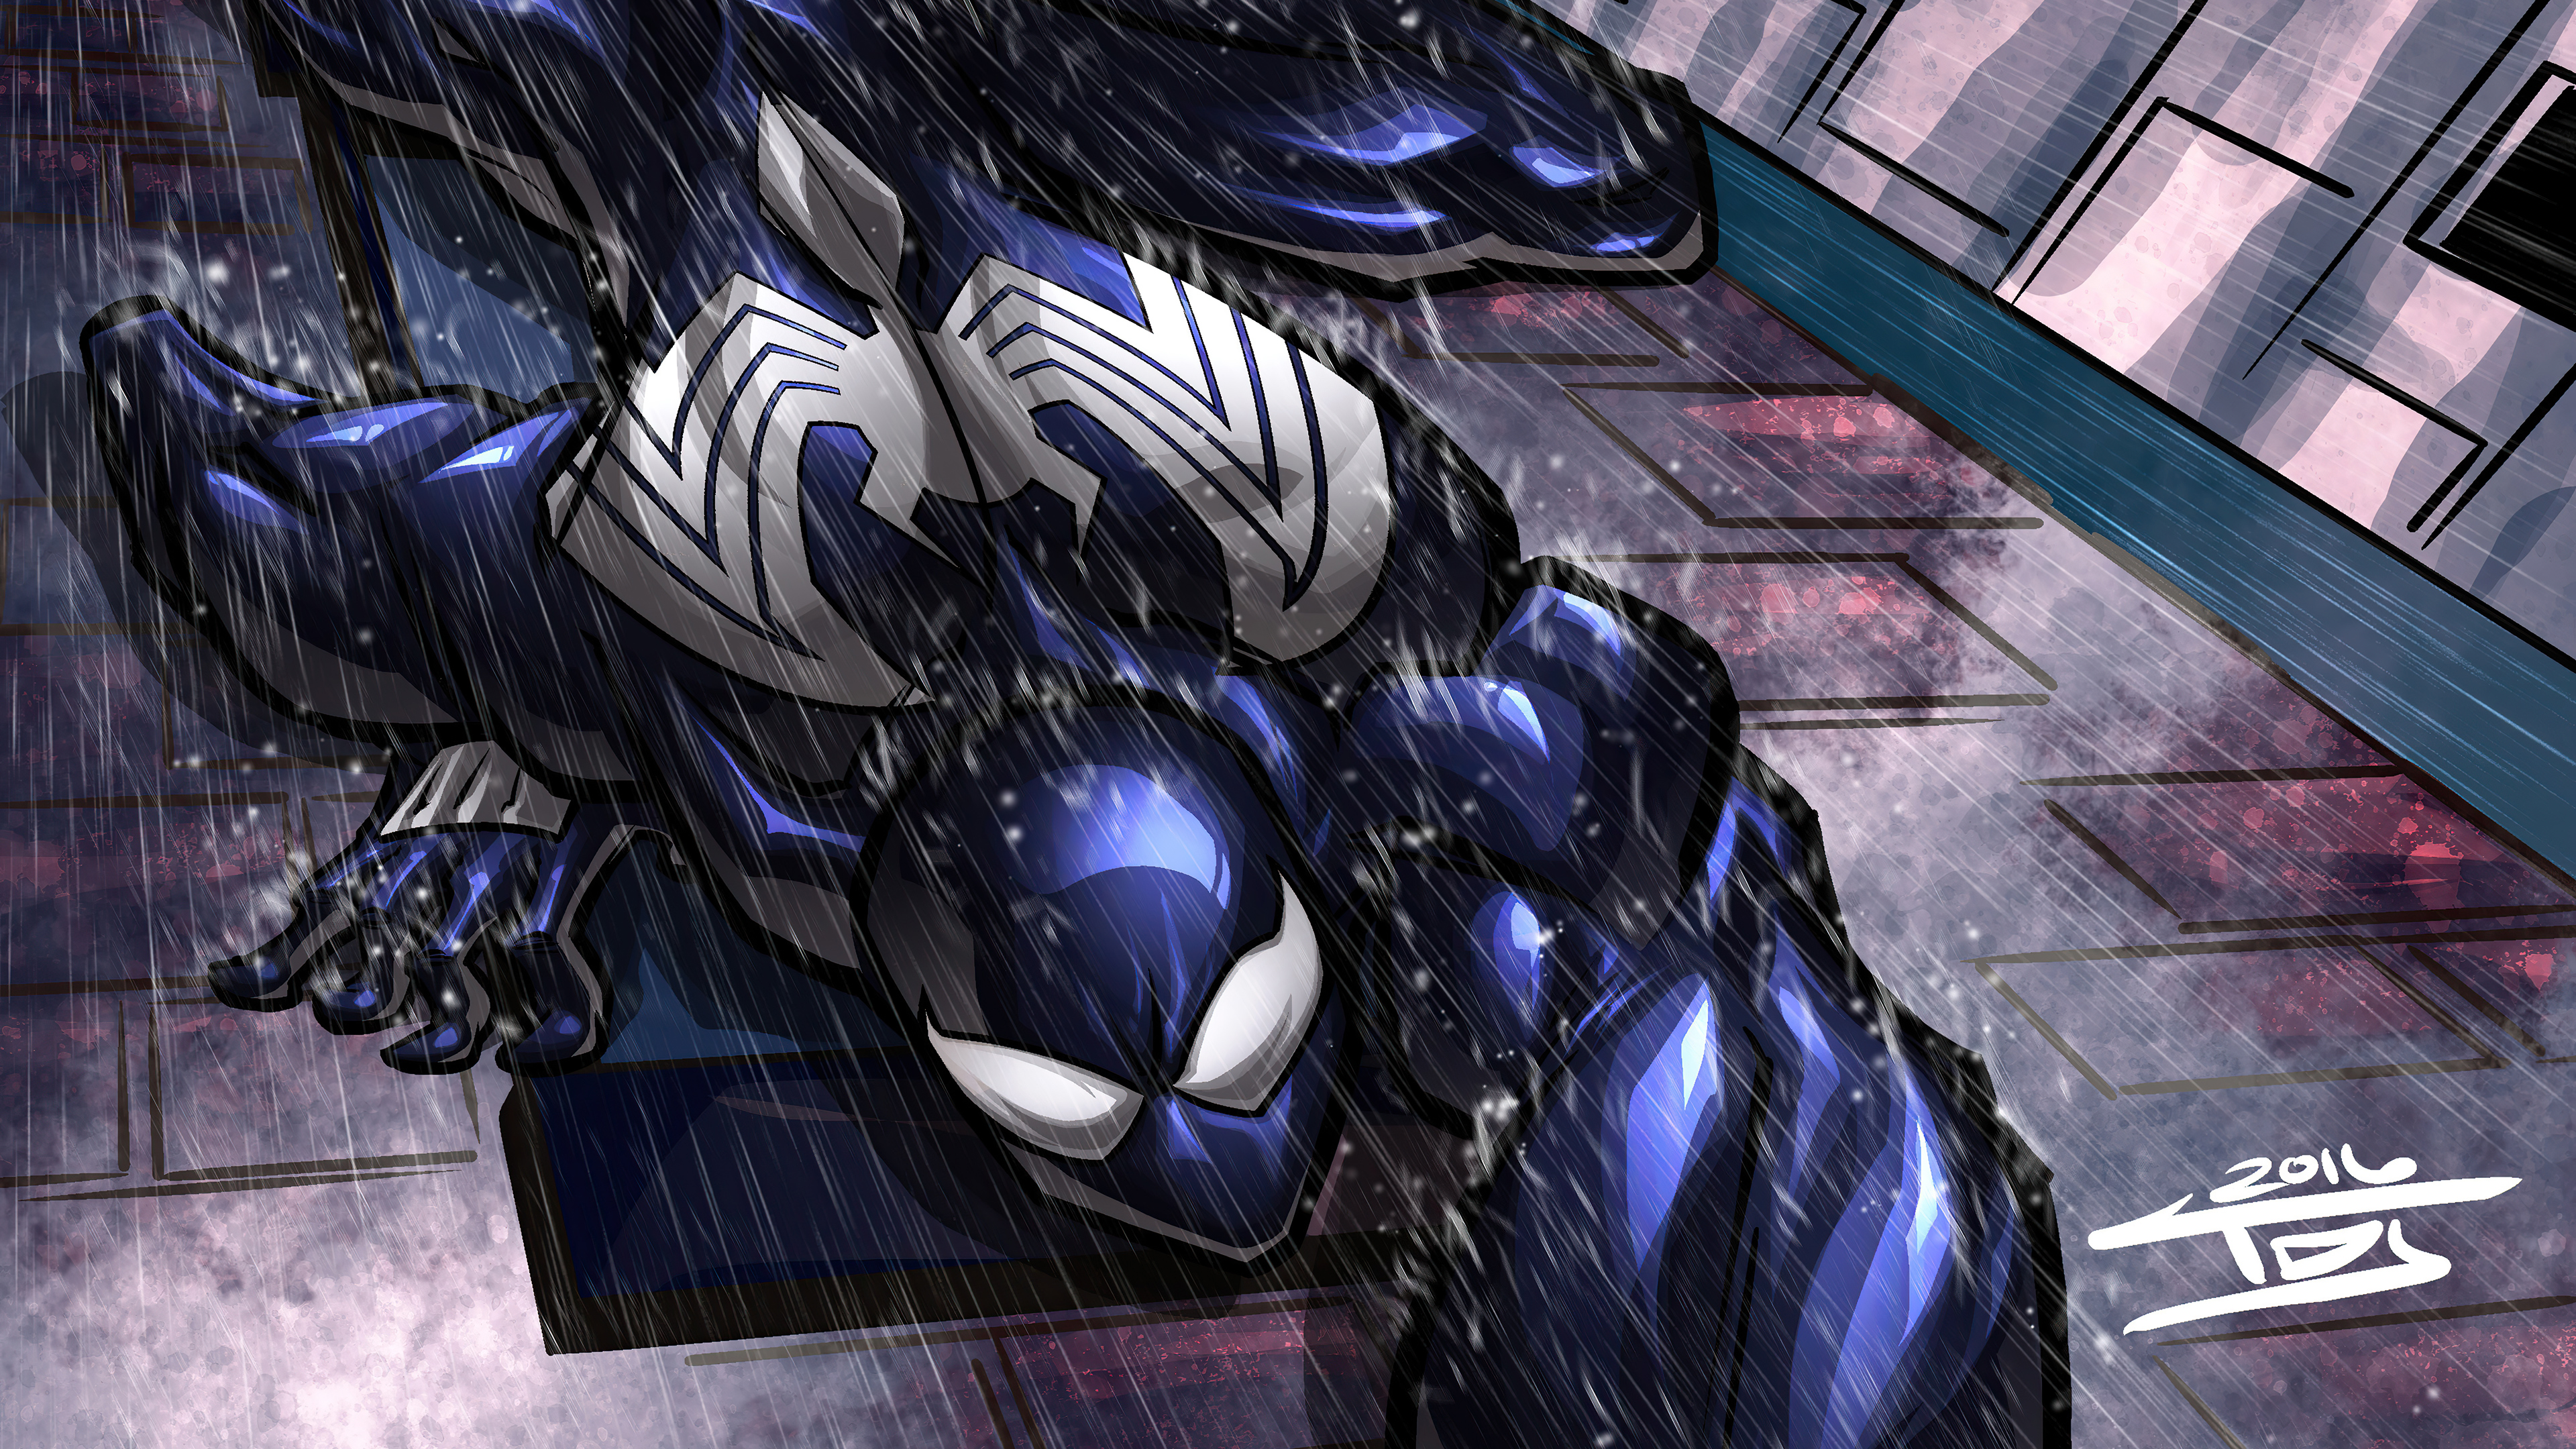 Fondos de pantalla Symbiote Spidey escalando muro